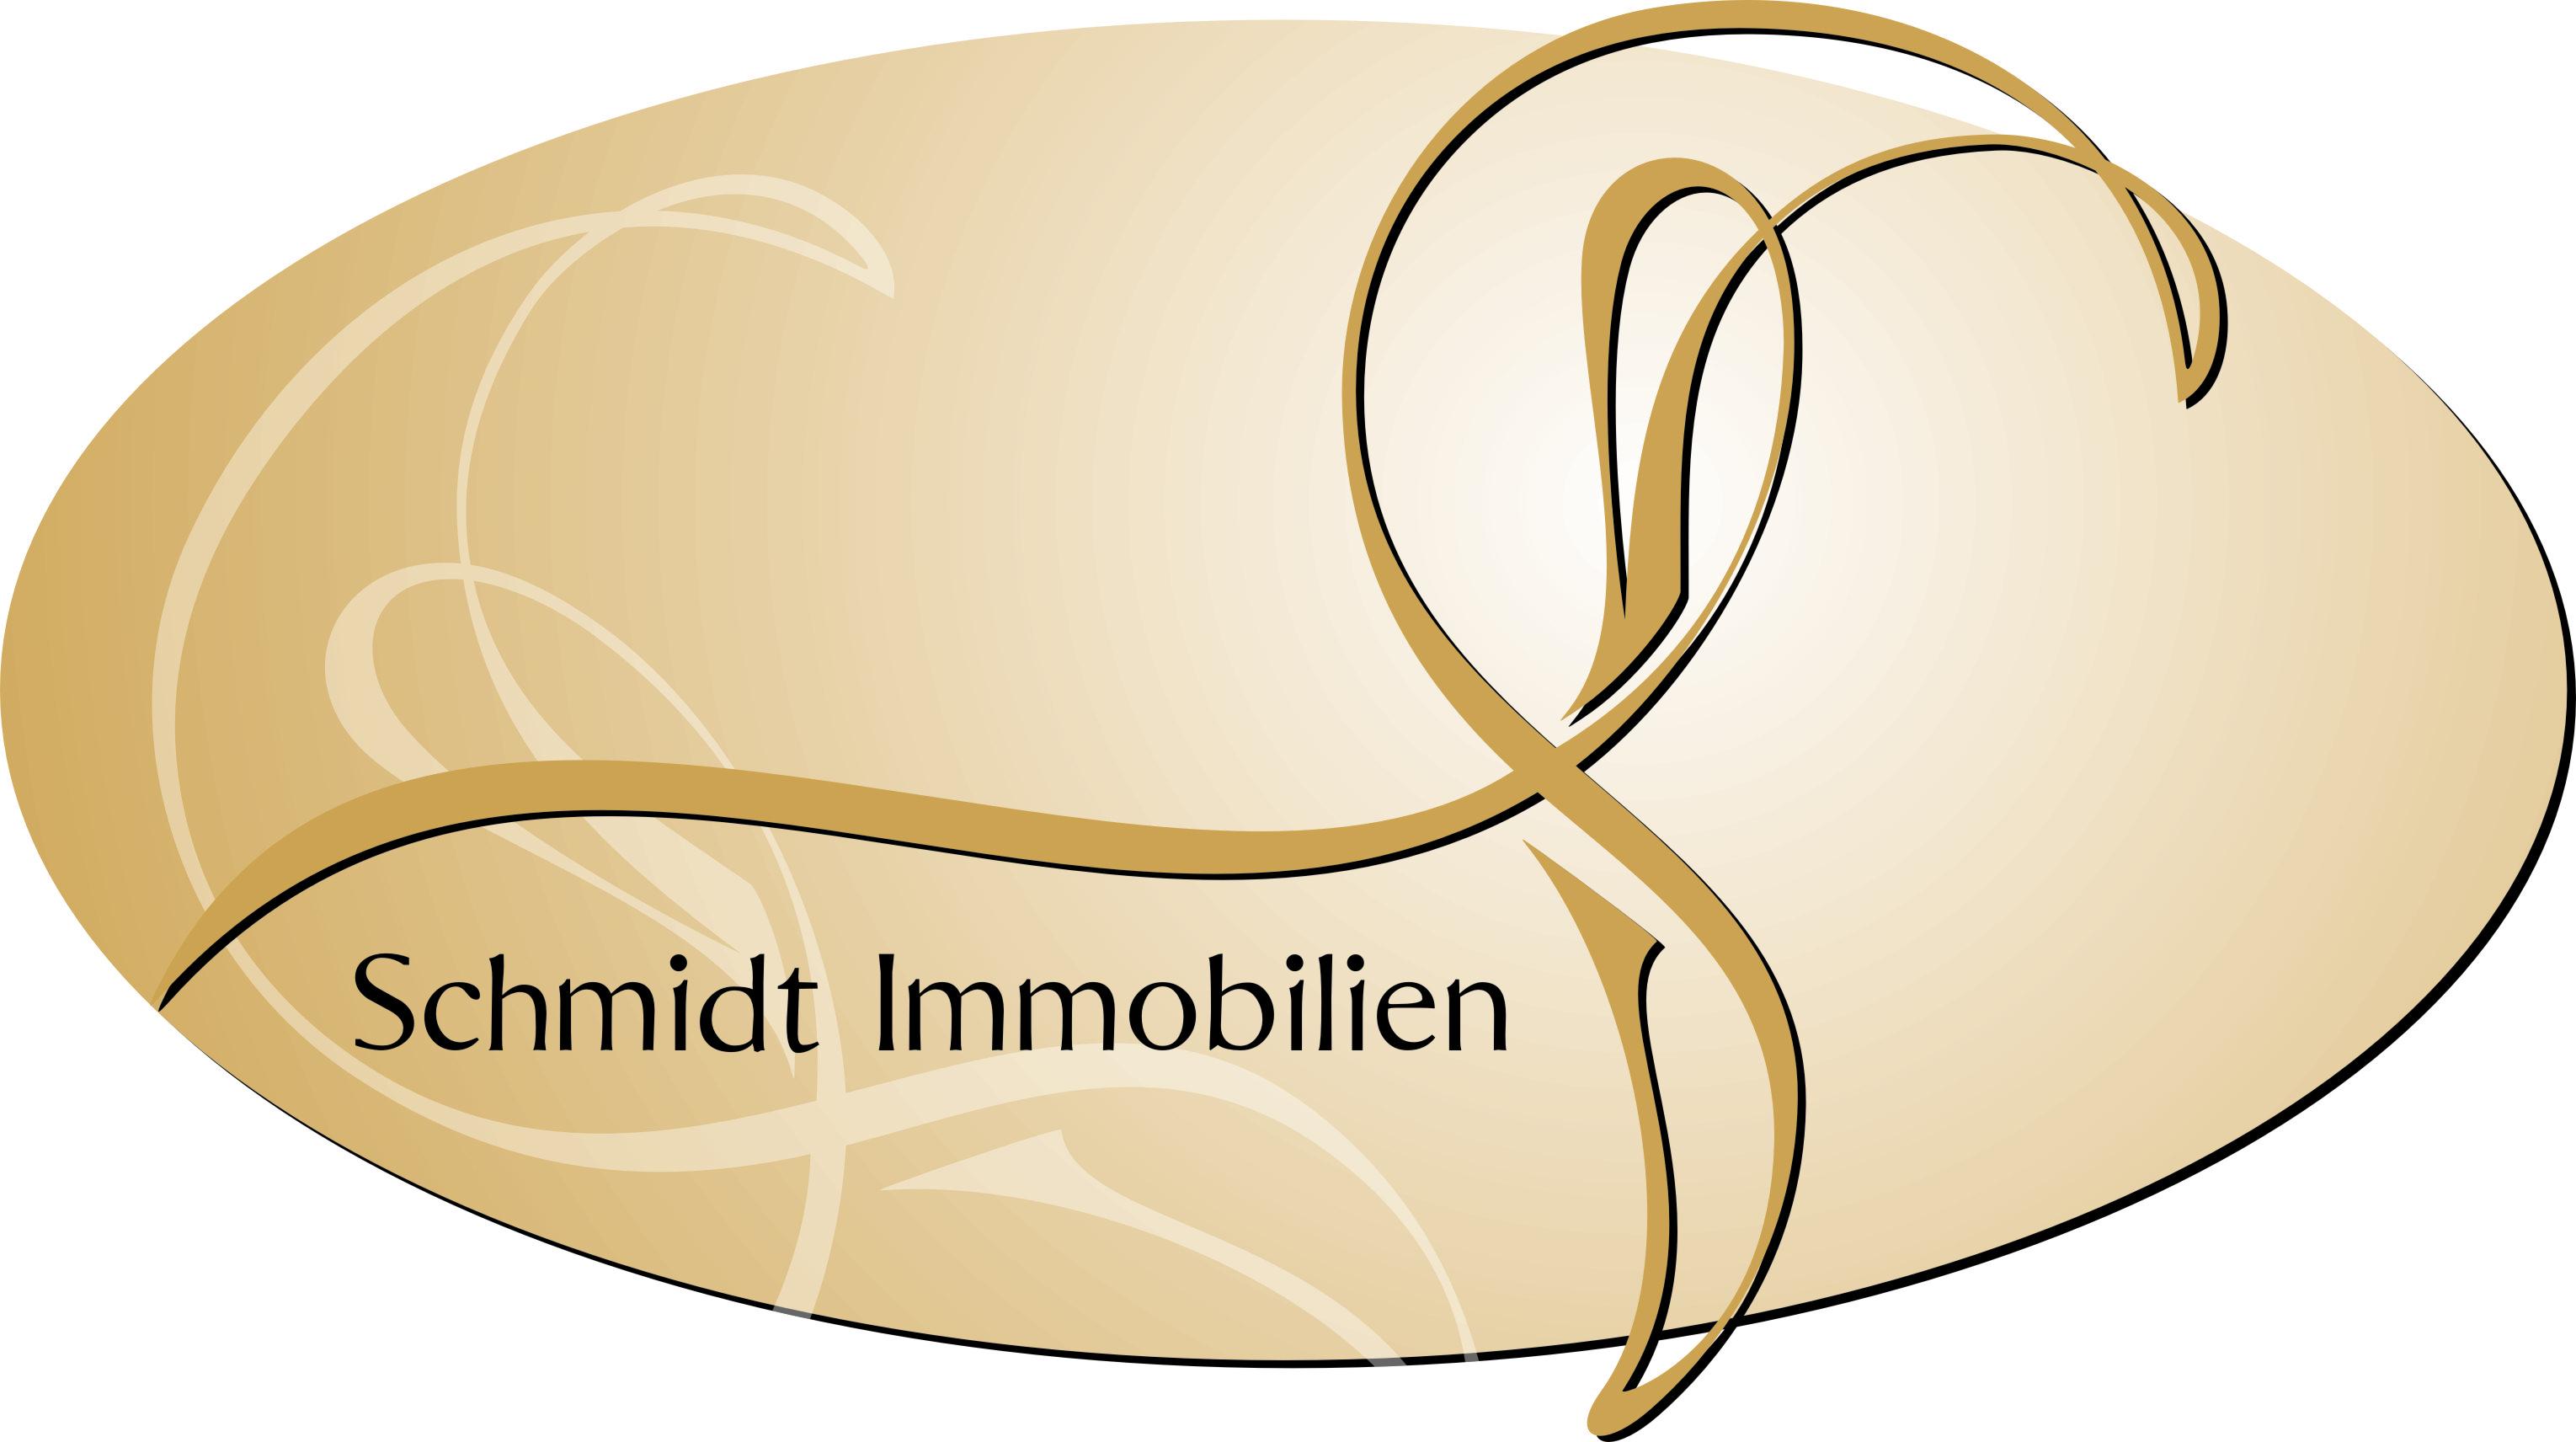 Hier sehen Sie das Logo von Schmidt Immobilien